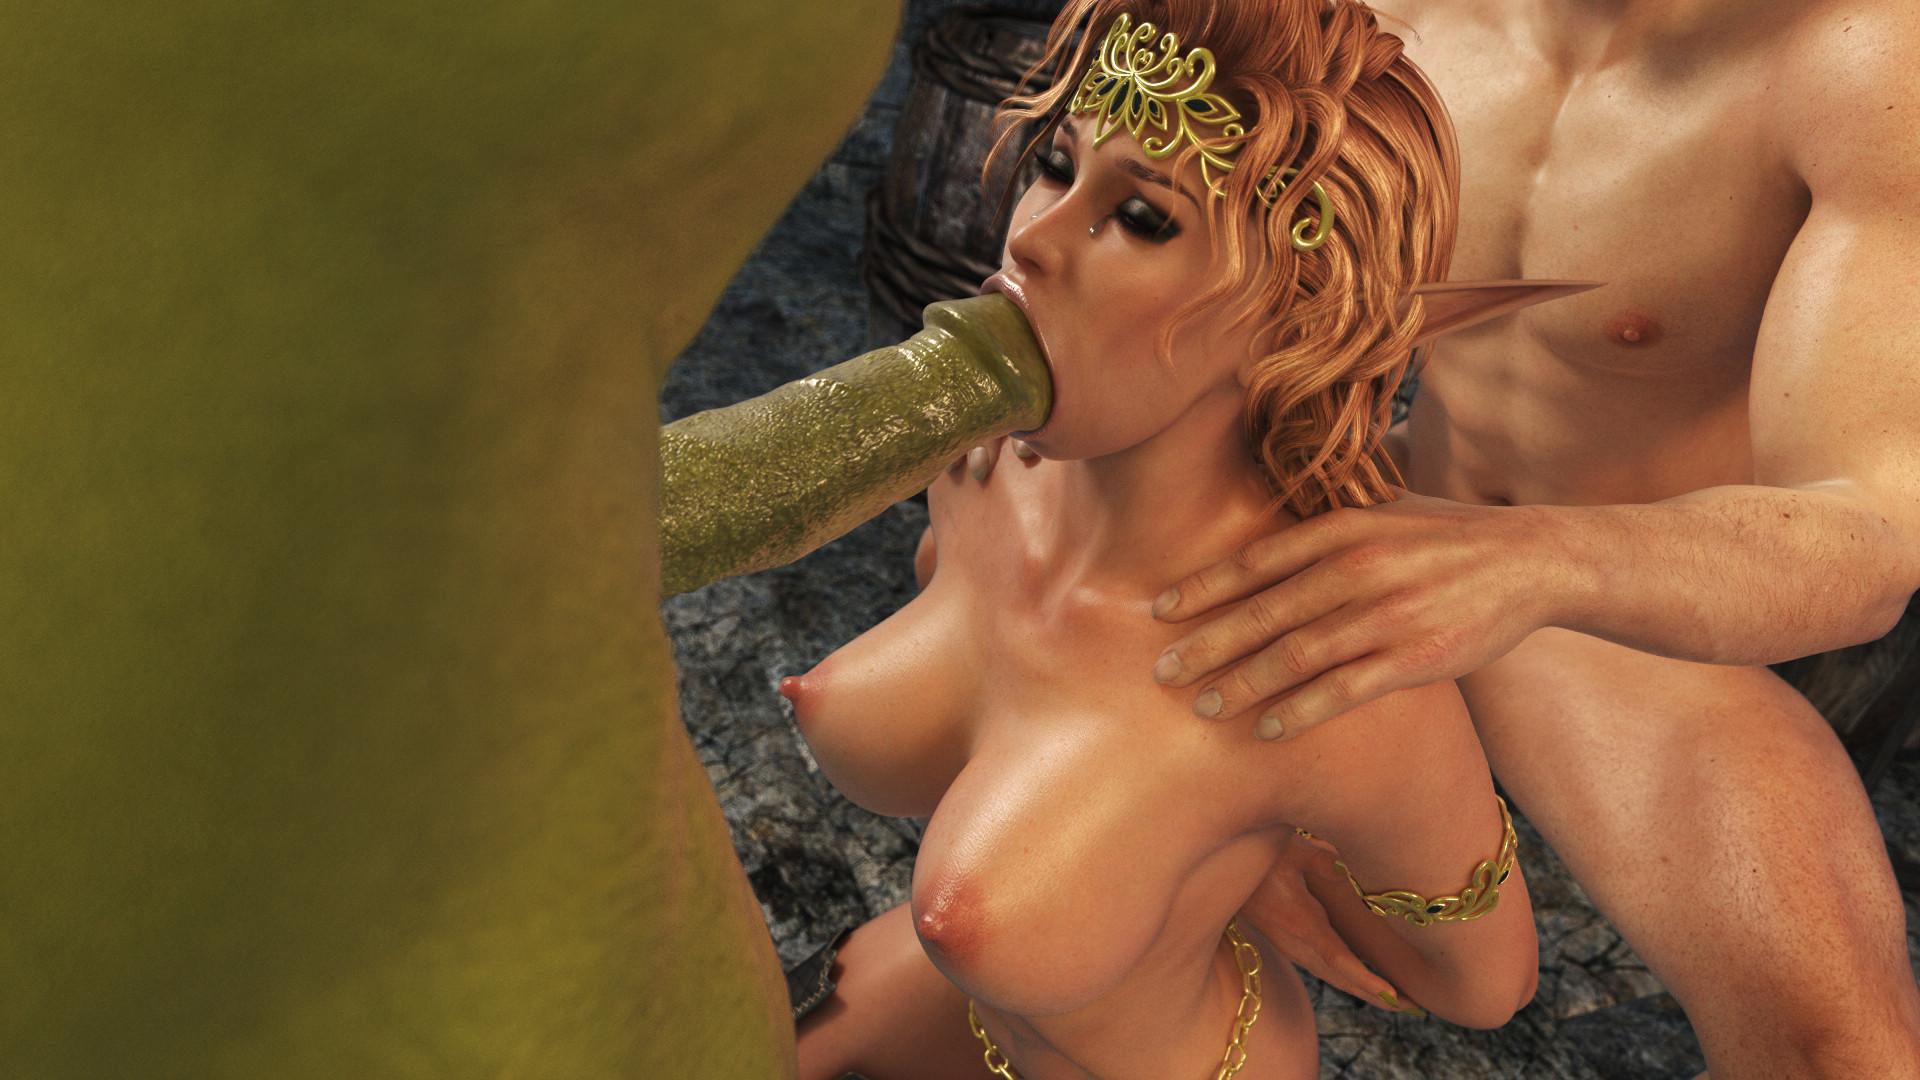 Whorecraft blood elf porn fucks image